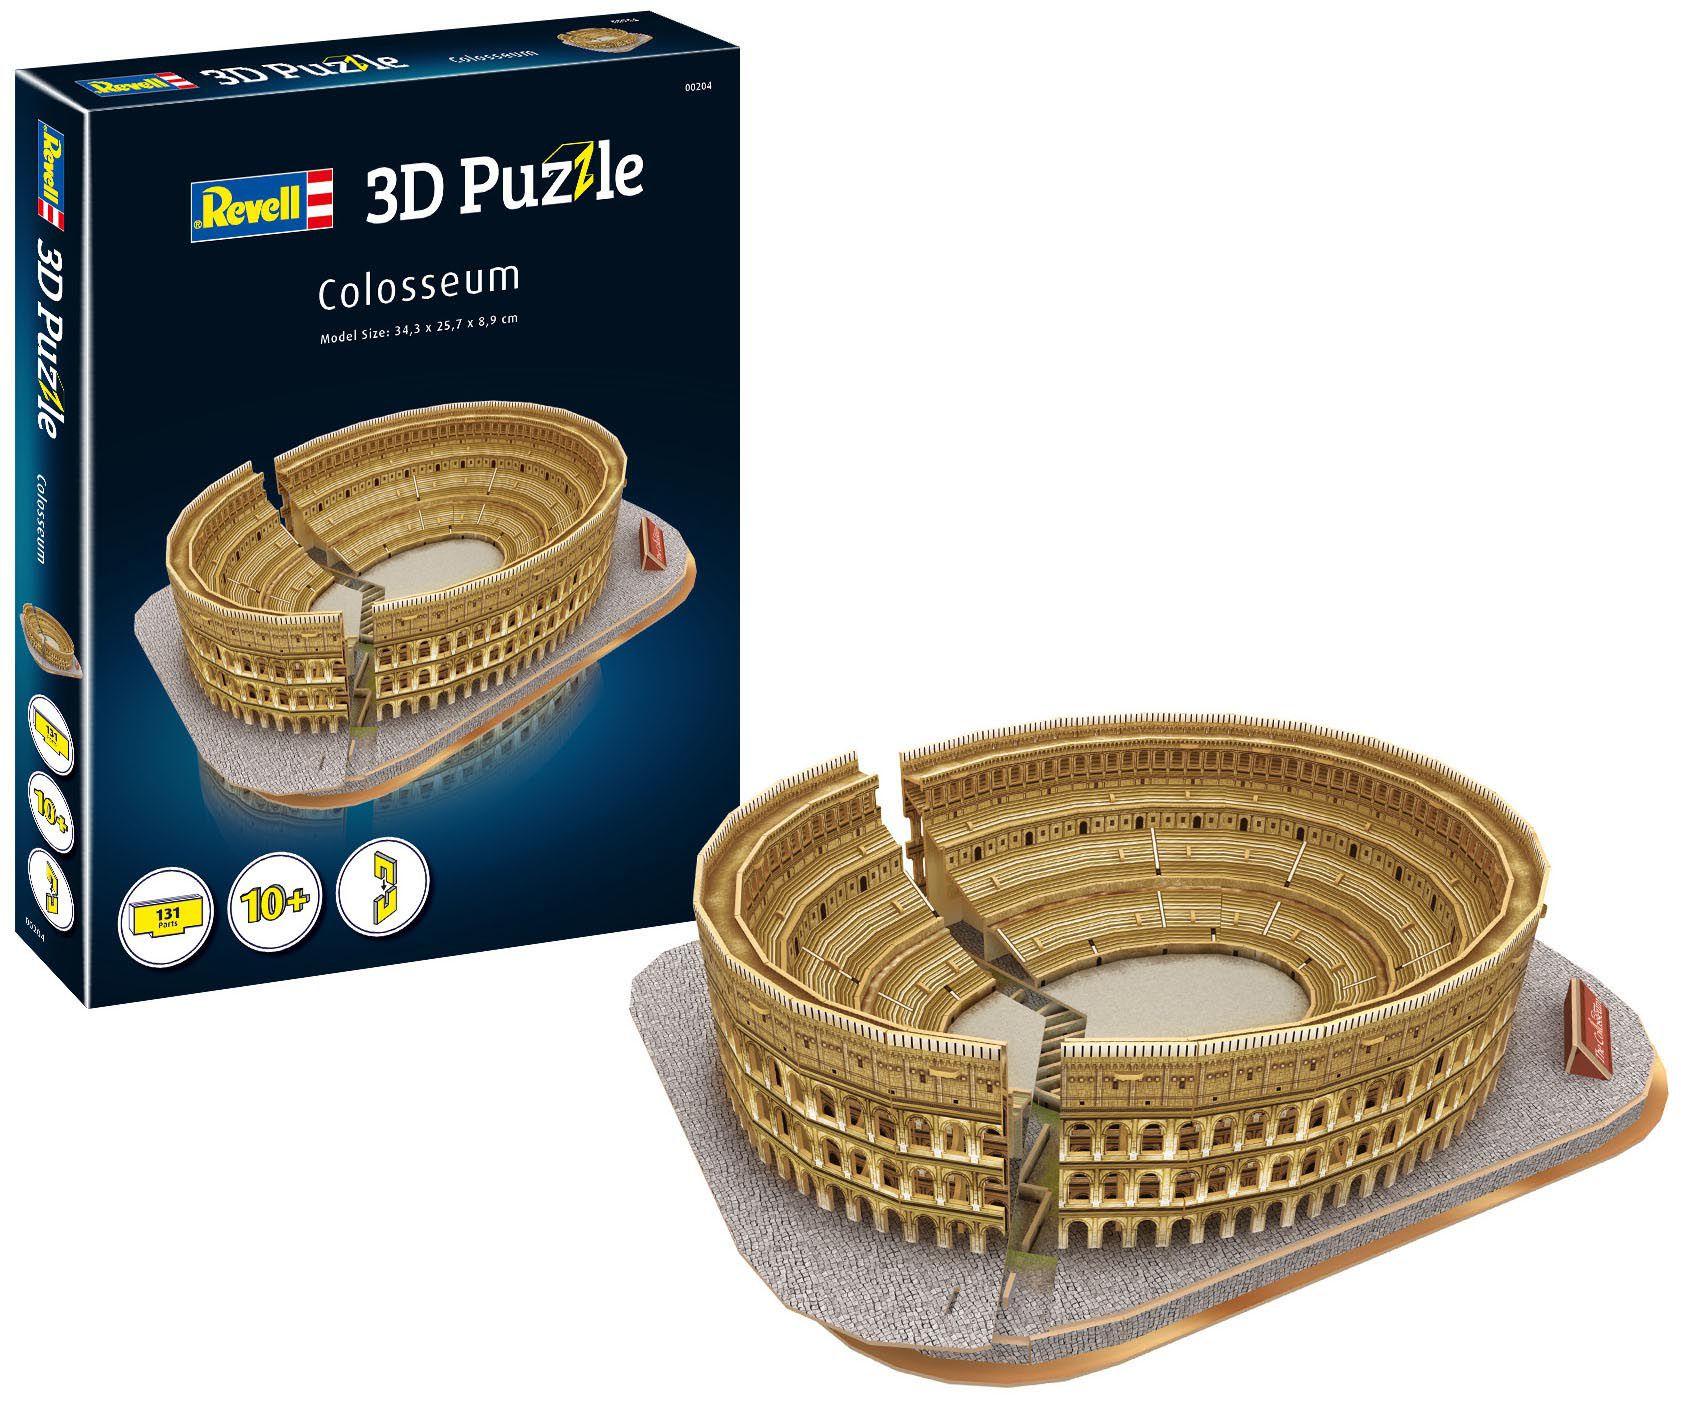 Quebra-cabeça 3D (3D Puzzle) Coliseu de Roma - Revell 00204  - BLIMPS COMÉRCIO ELETRÔNICO